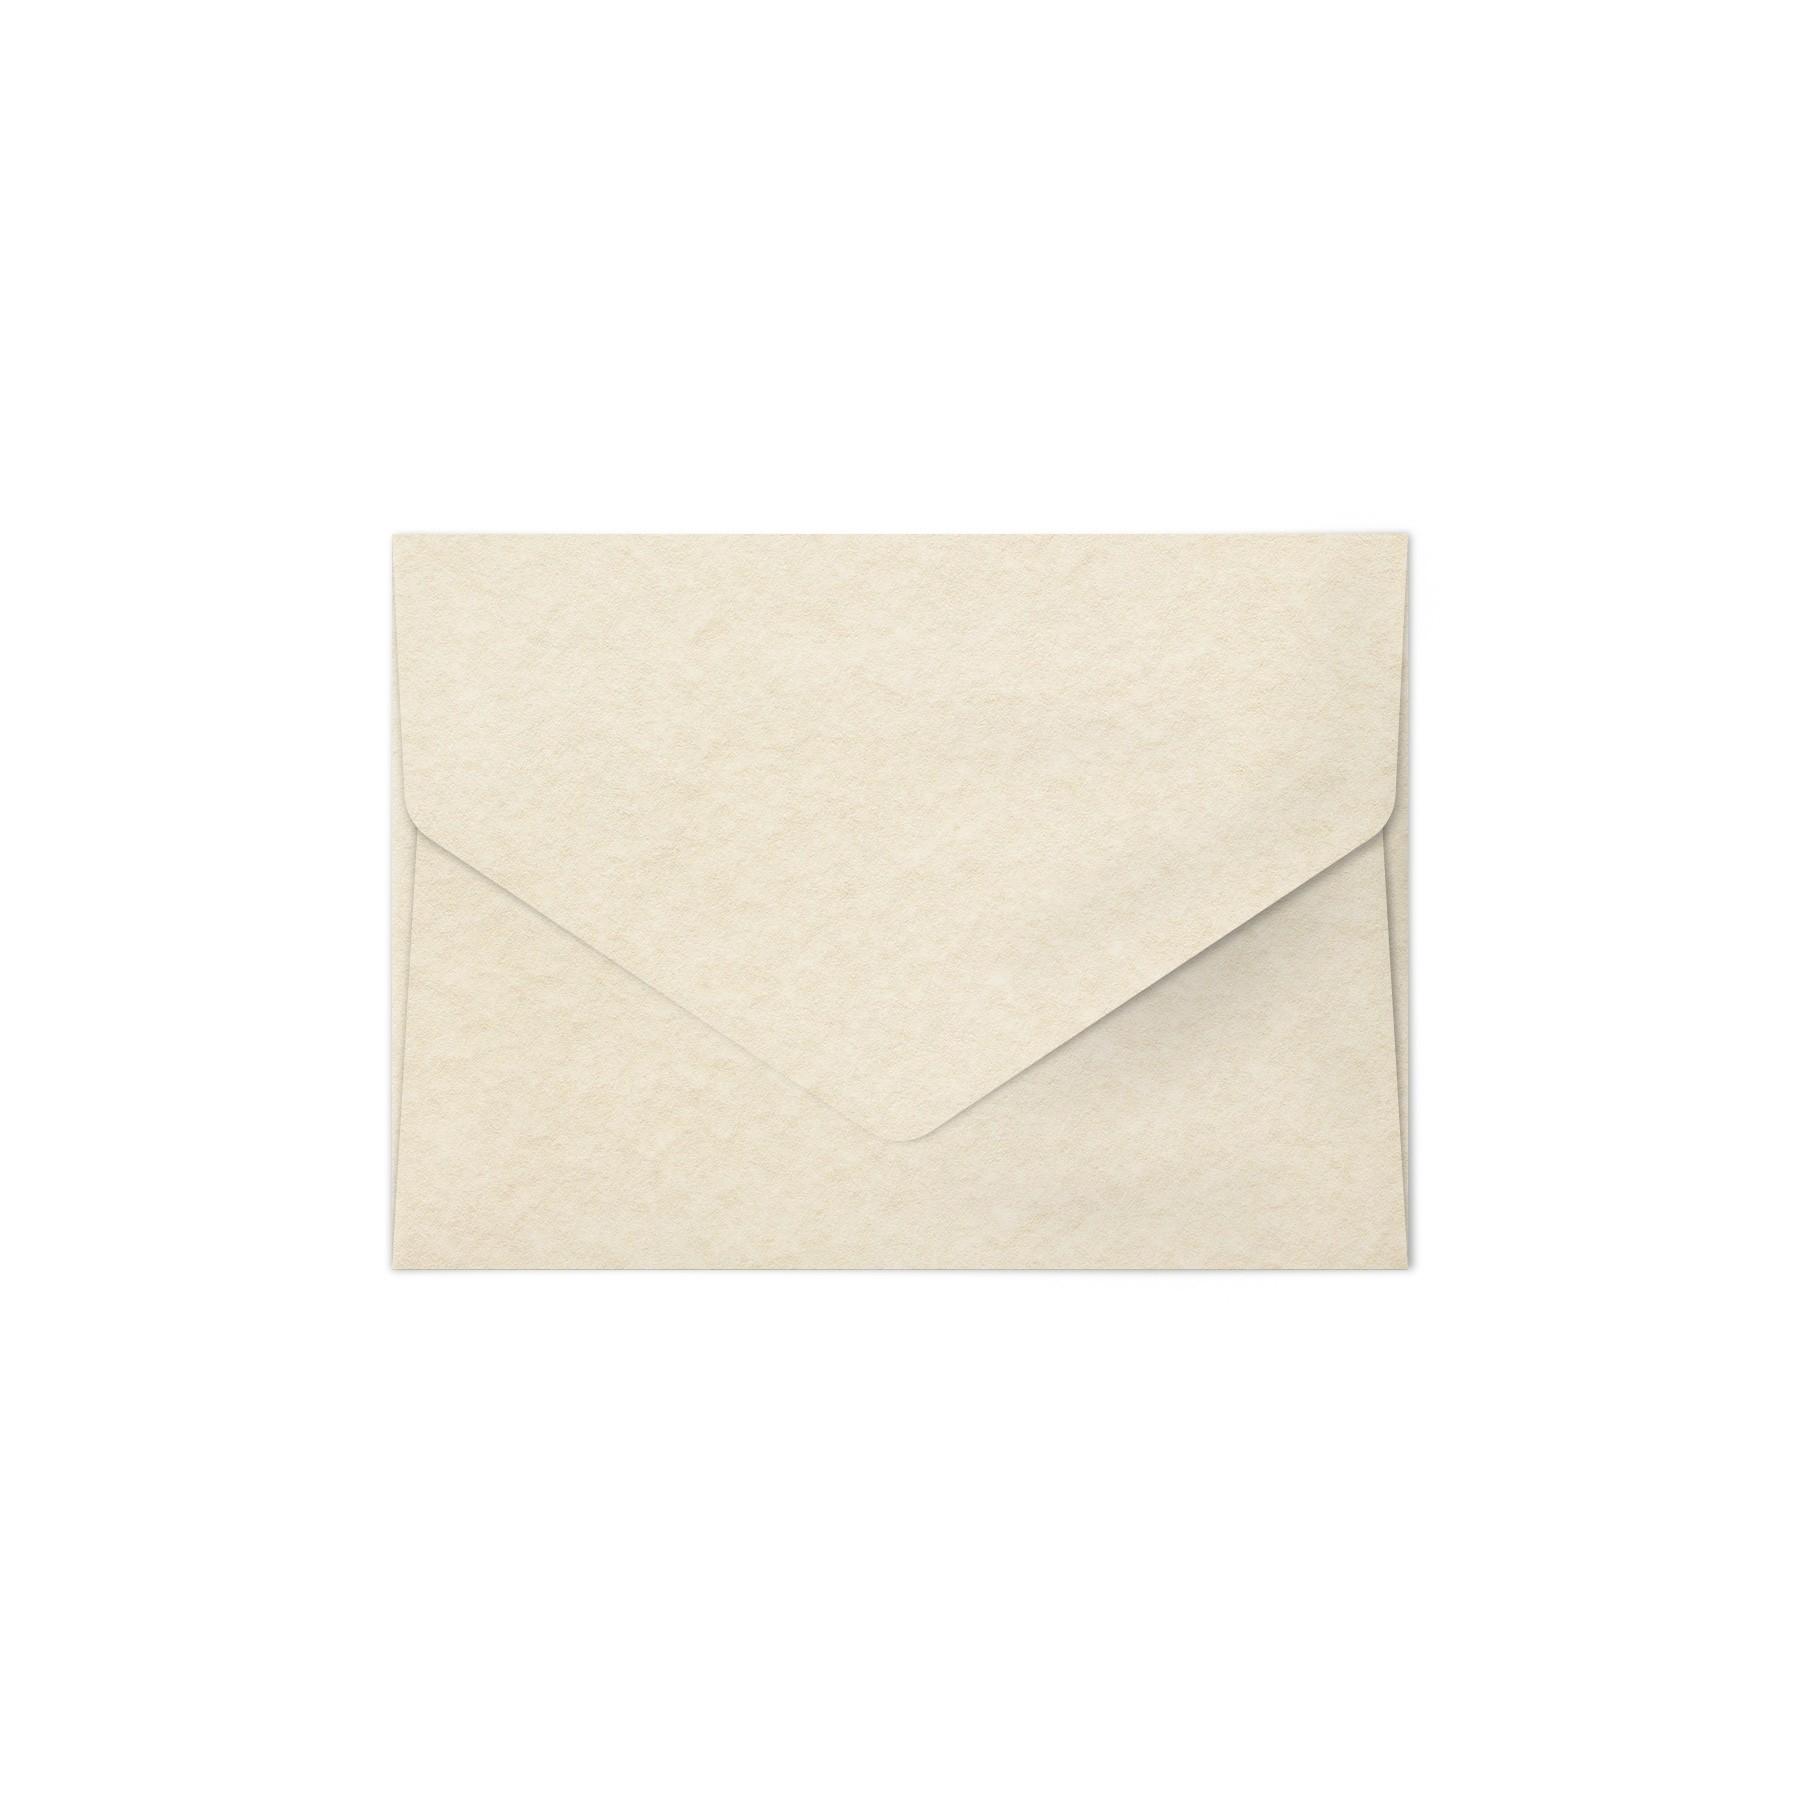 Plic I8 Parchment Natural Mat